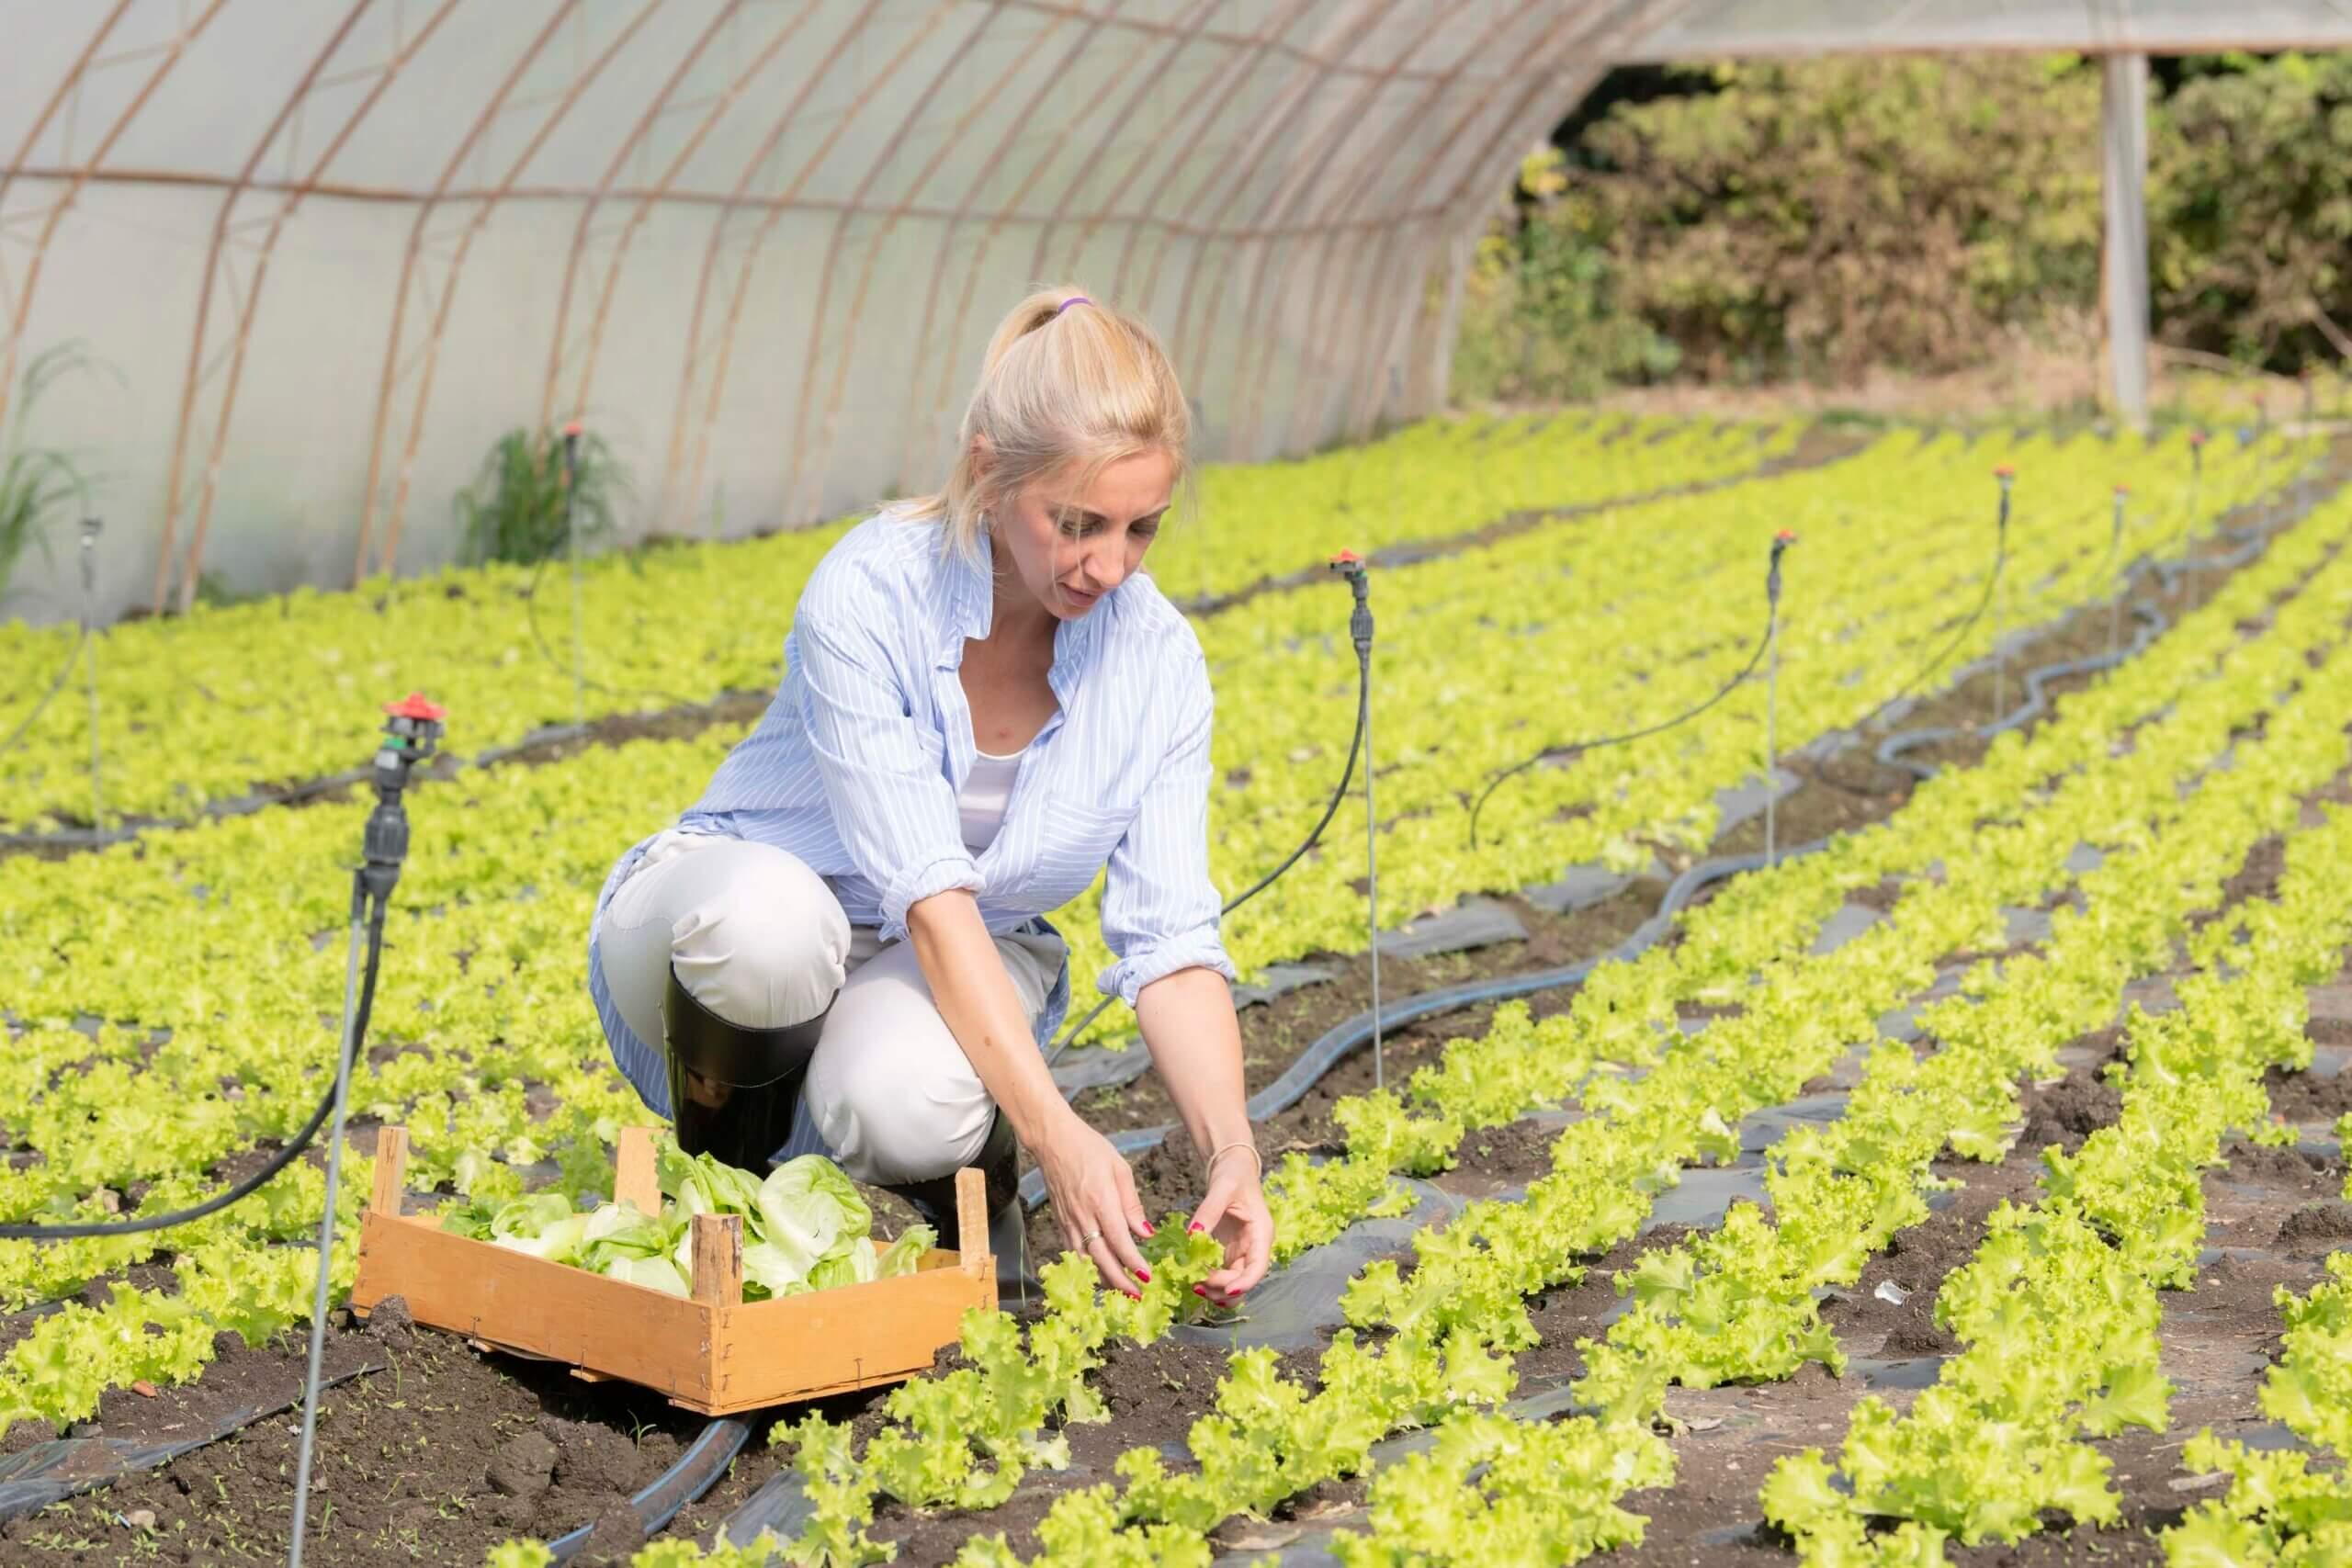 prednosti, klub zdravih navika, kzn, prednosti klub zdravih navika, prednosti kzn, prednost salate, salata za dorucak, zelenis, predjelo, iceberg salat centar